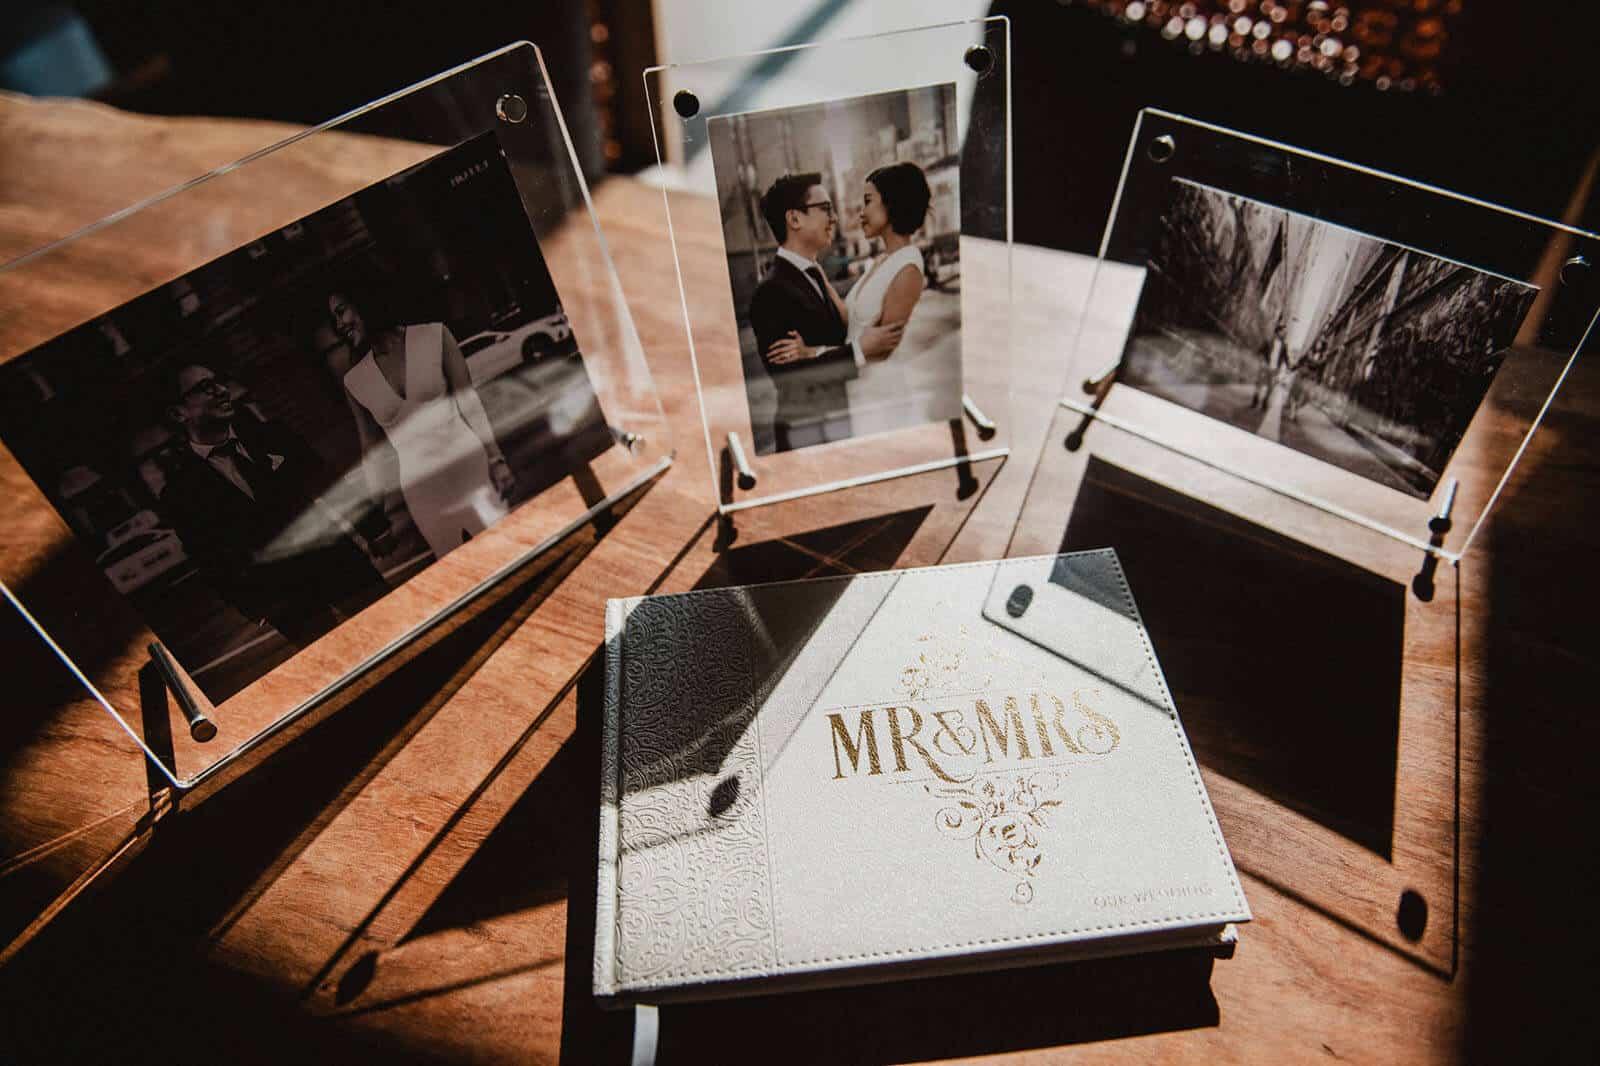 戶外婚禮, 婚禮, 婚顧, 婚禮佈置, 墾丁婚禮, 華泰瑞苑